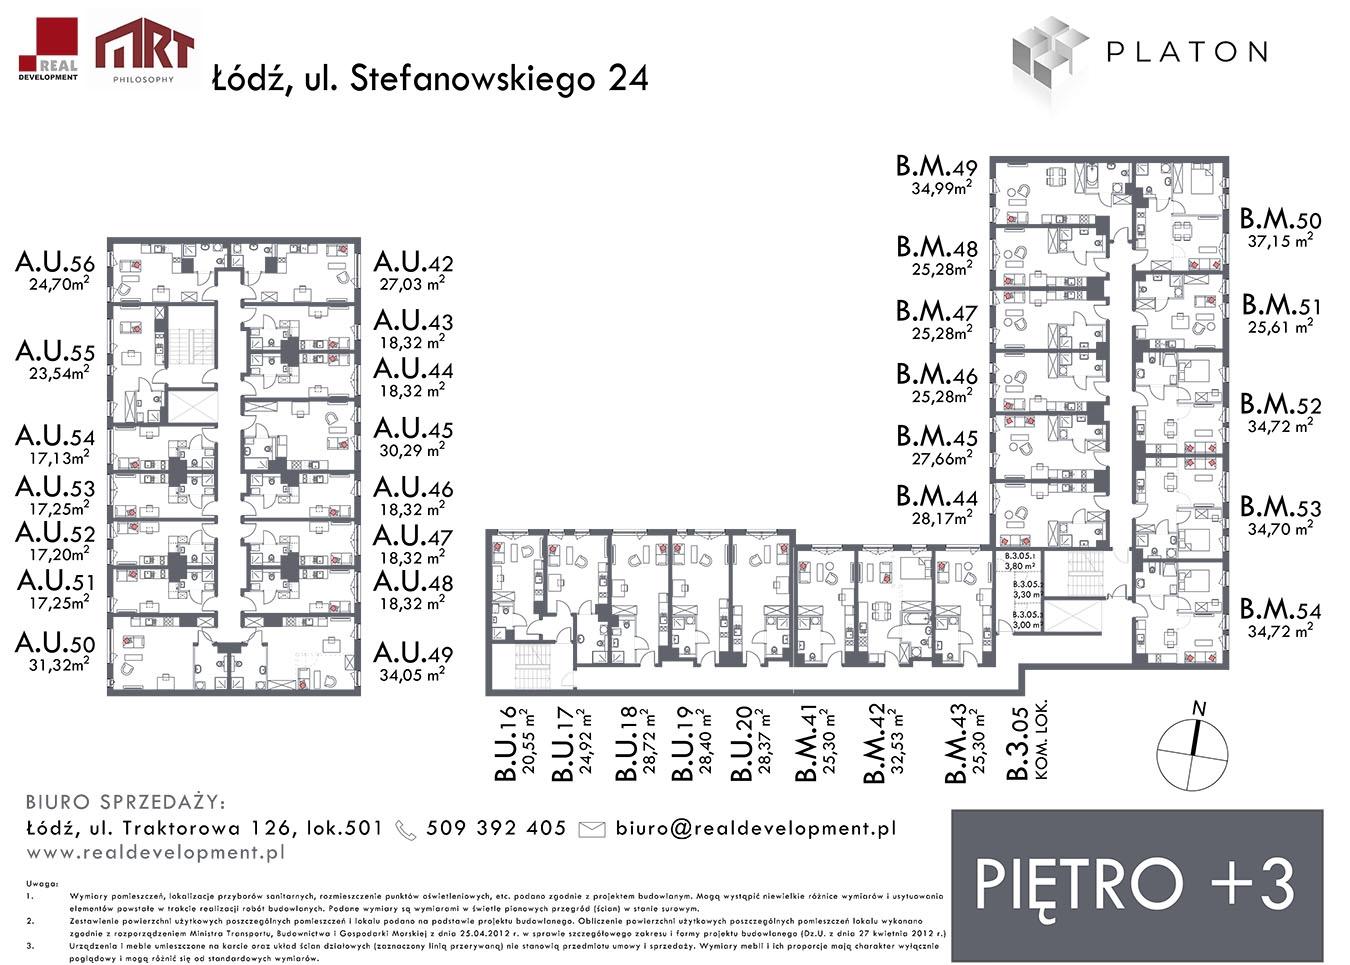 Platon - Piętro 3